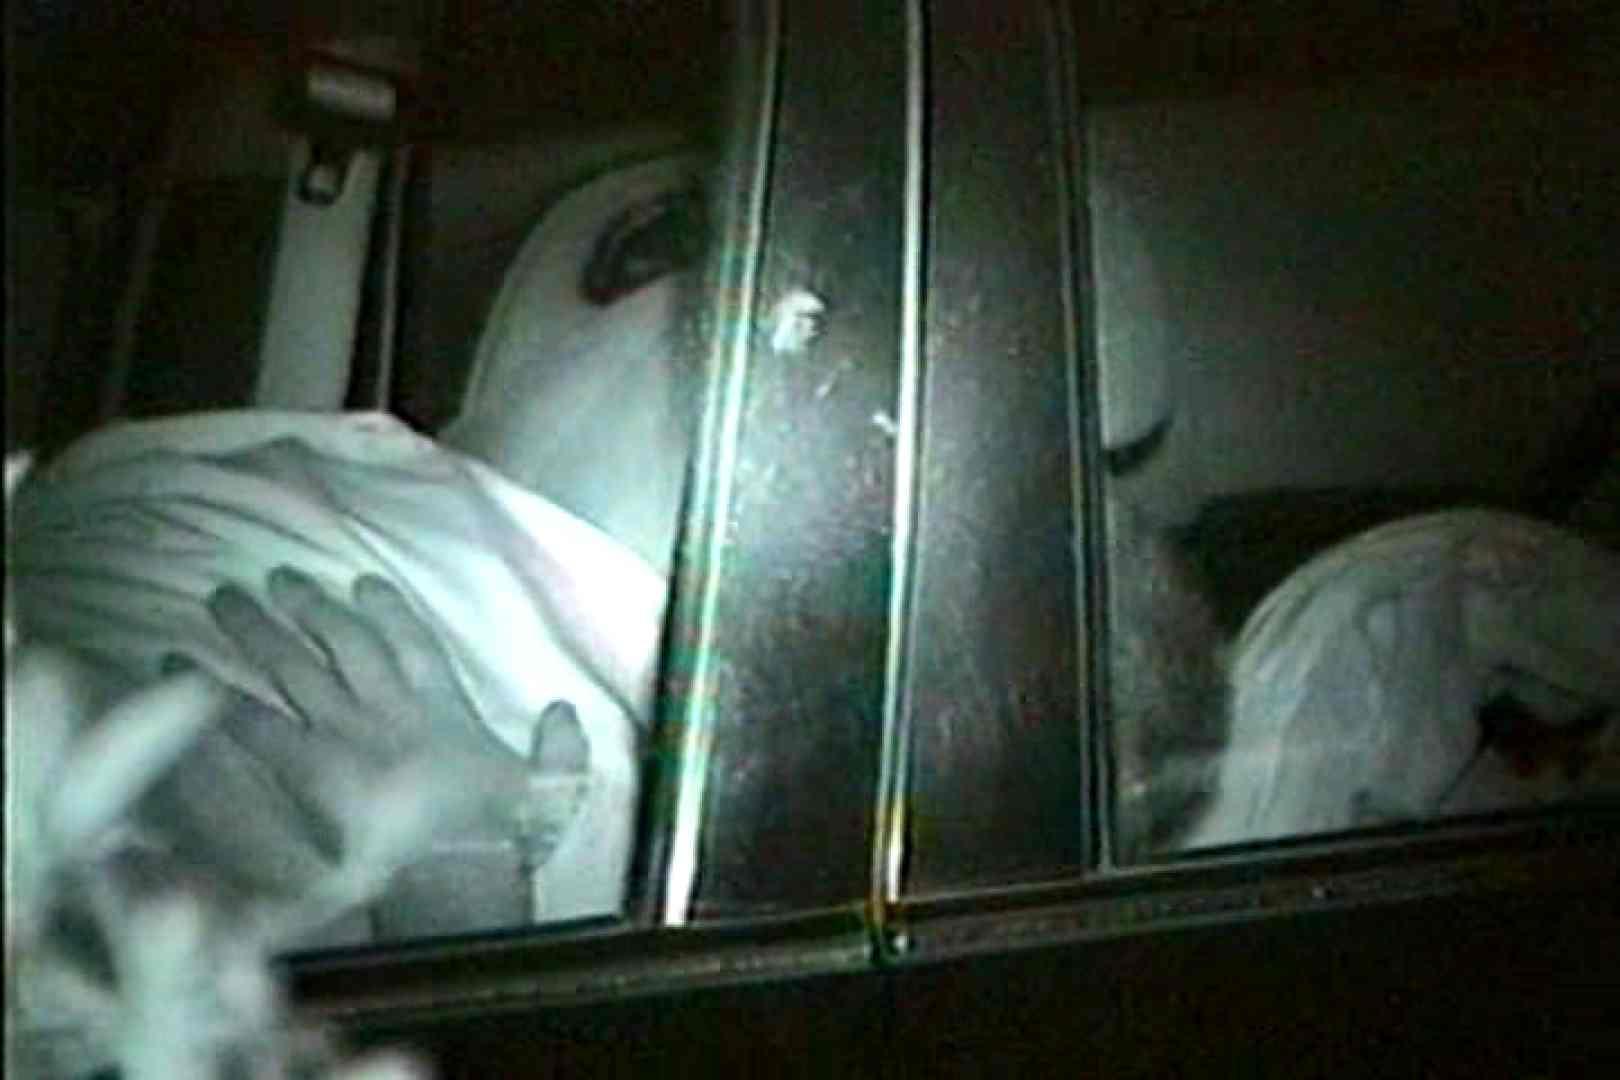 車の中はラブホテル 無修正版  Vol.6 セックス 盗撮画像 31連発 13